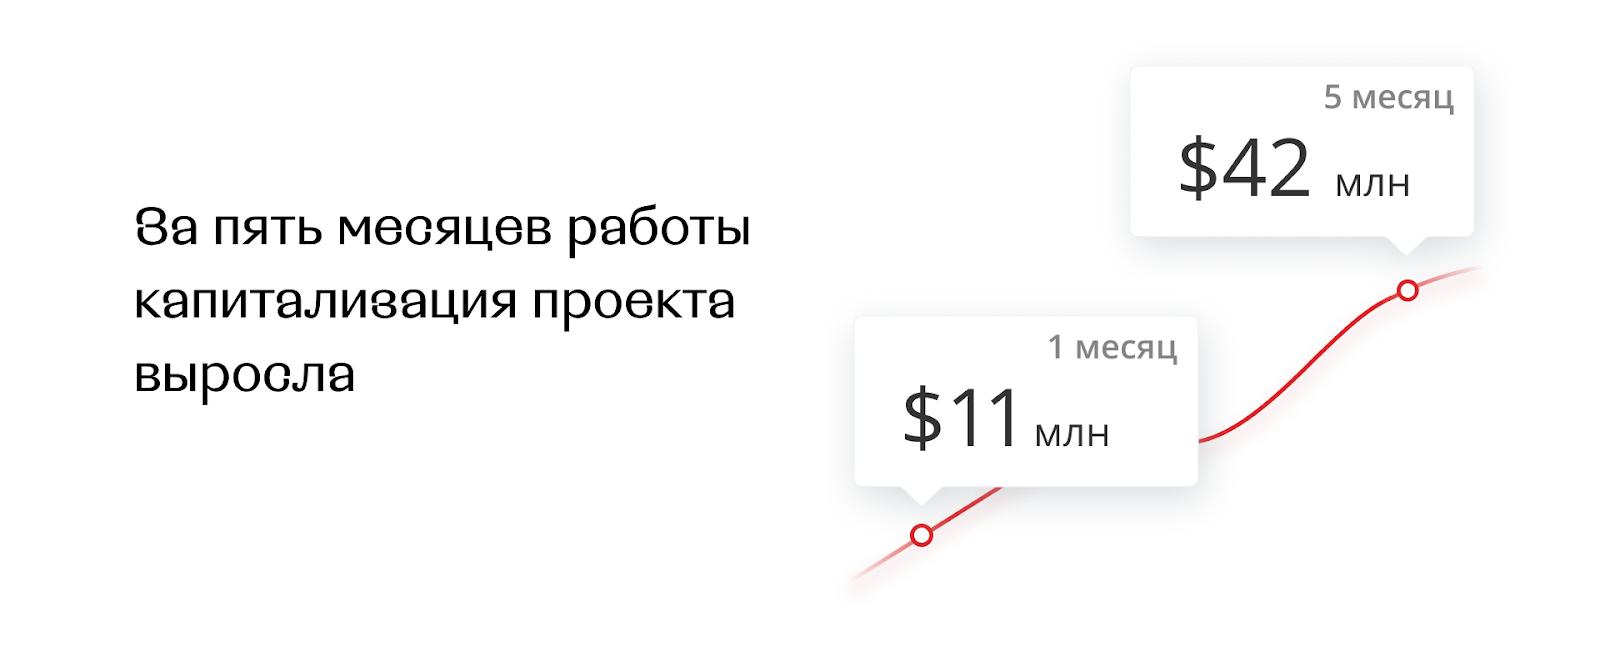 Дисклеймер: капитализация проекта выросла благодаря привлечению новых пользователей и росту продаж монеты с целью долгосрочного инвестирования, а не благодаря спекулятивной торговле.